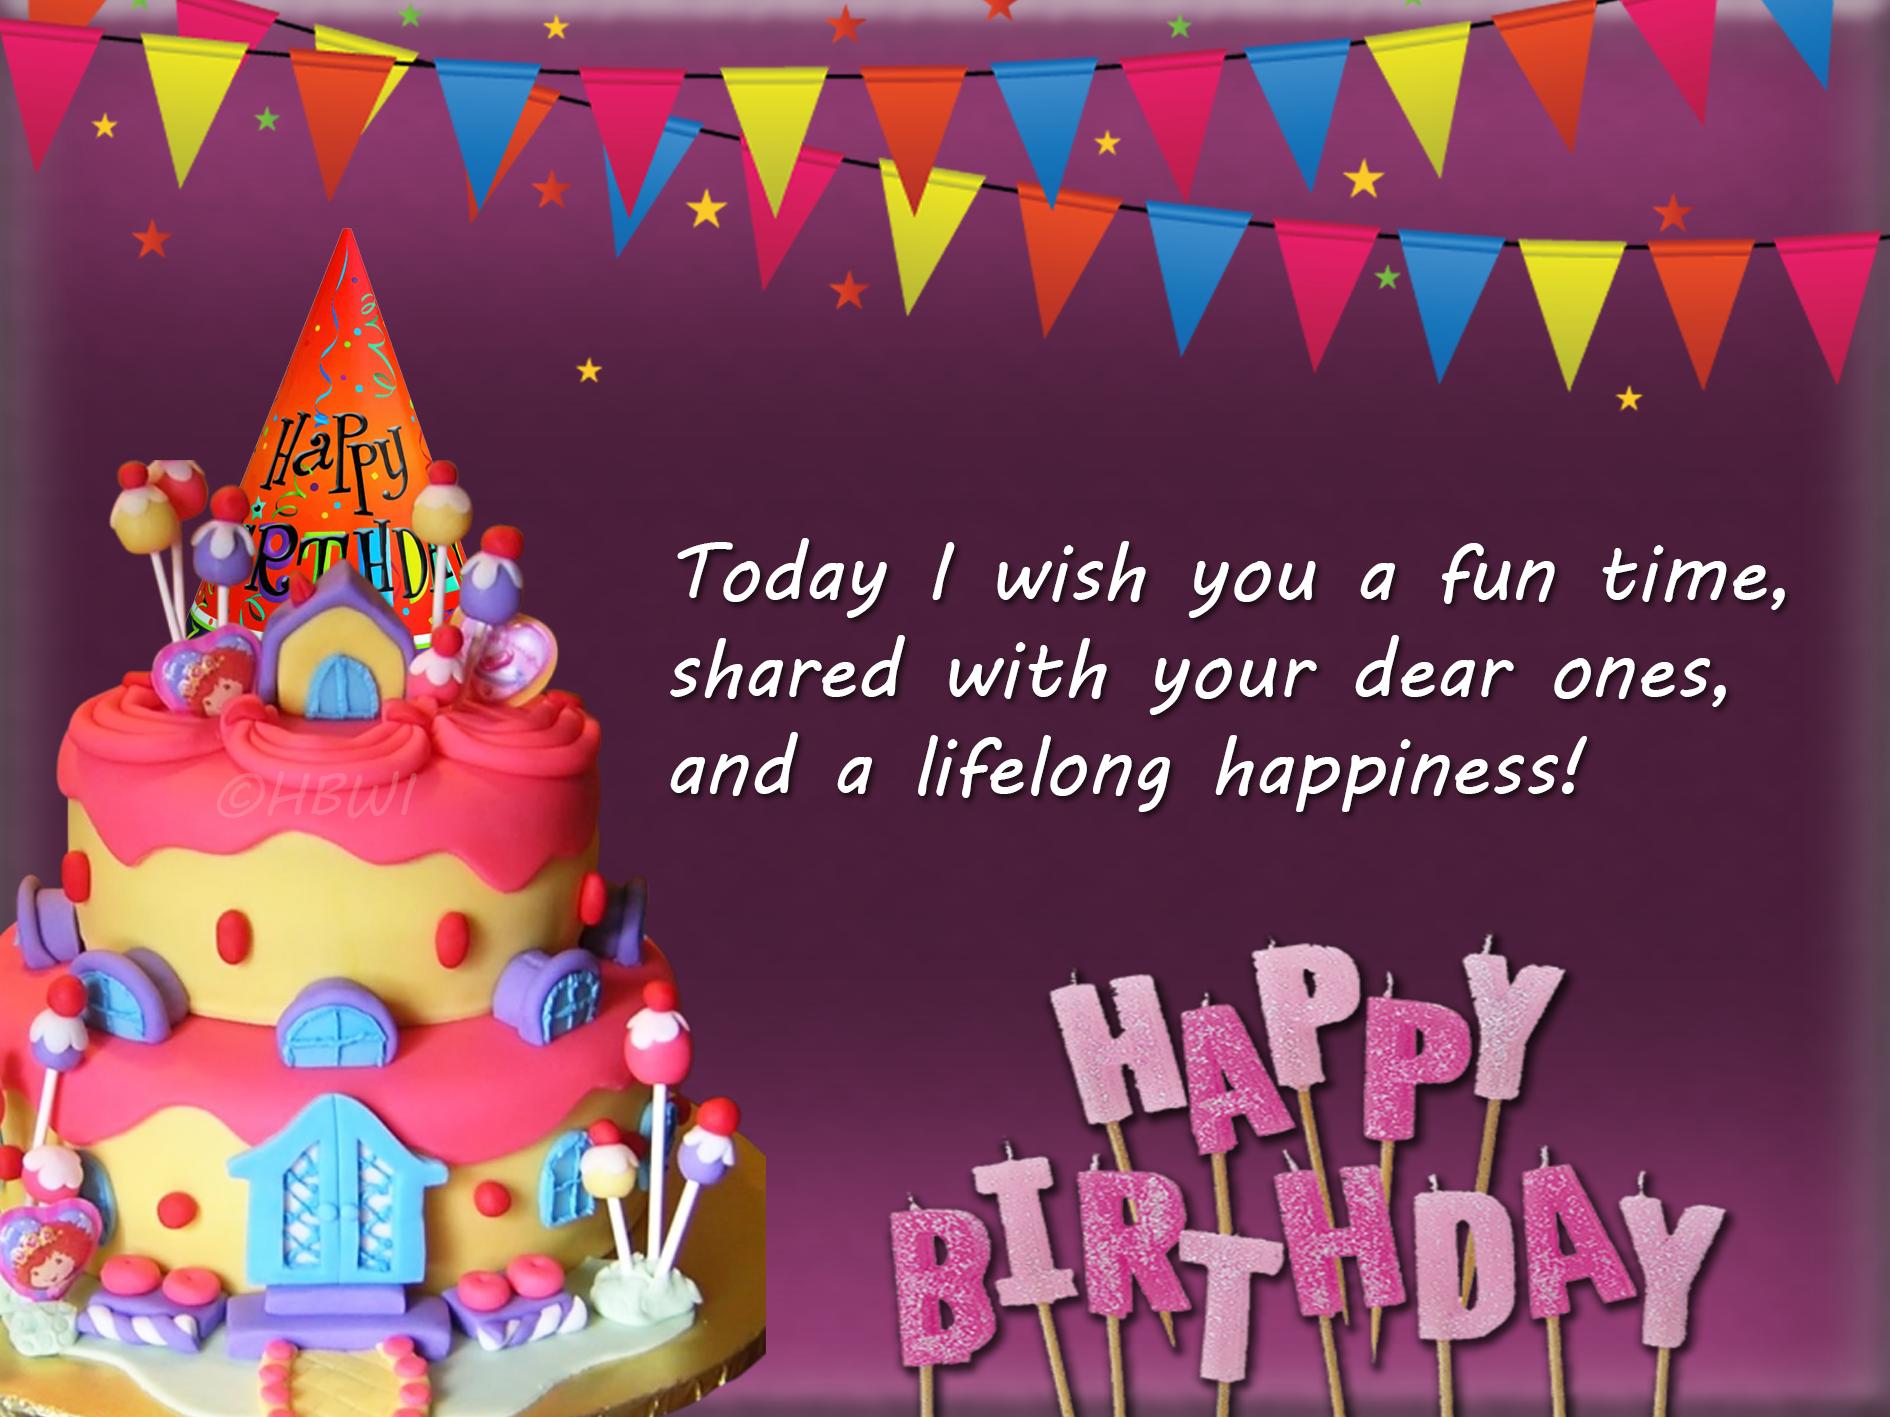 Funny Happy Birthday Card - Funny Happy Birthday Card - Wallpapers, hd-wallpapers, HD, Free, Birthday, 4k-wallpapers, 4k